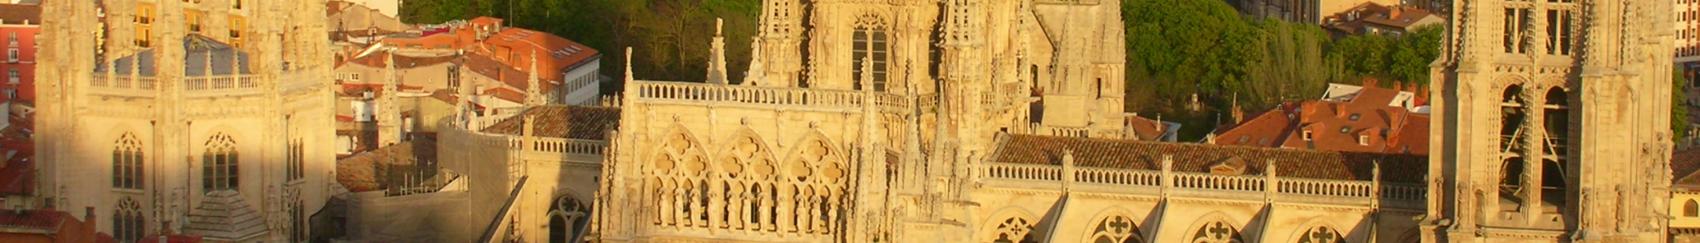 Locapedias de Burgos